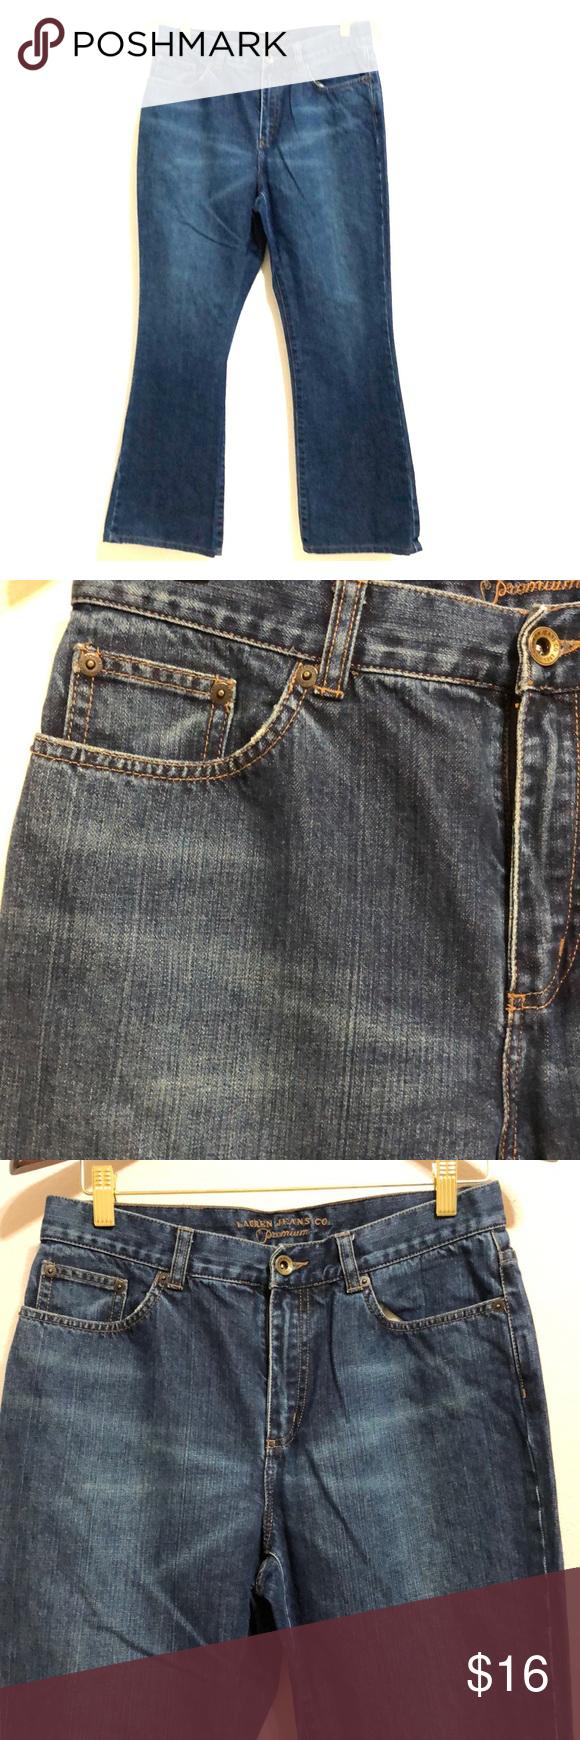 Lauren Jeans Co.| Ladies Wide Leg Jeans 10P Brand: Lauren Jeans Co. Size: 10 P C…